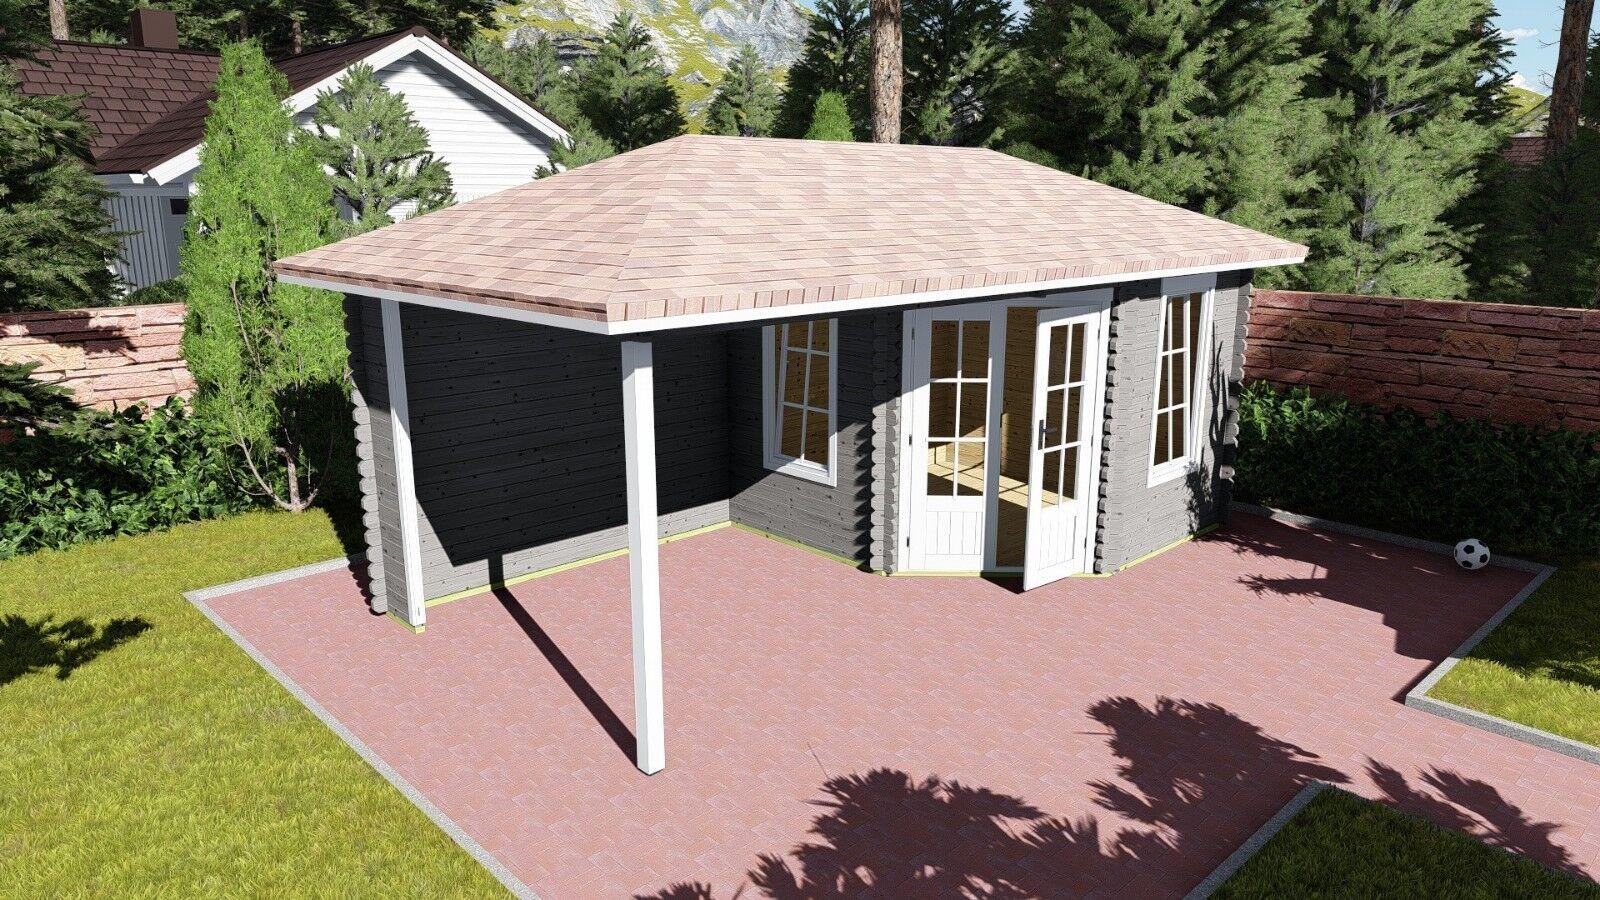 5-eck gartenhaus modern mit terrasse, 5.8x3m blockhaus